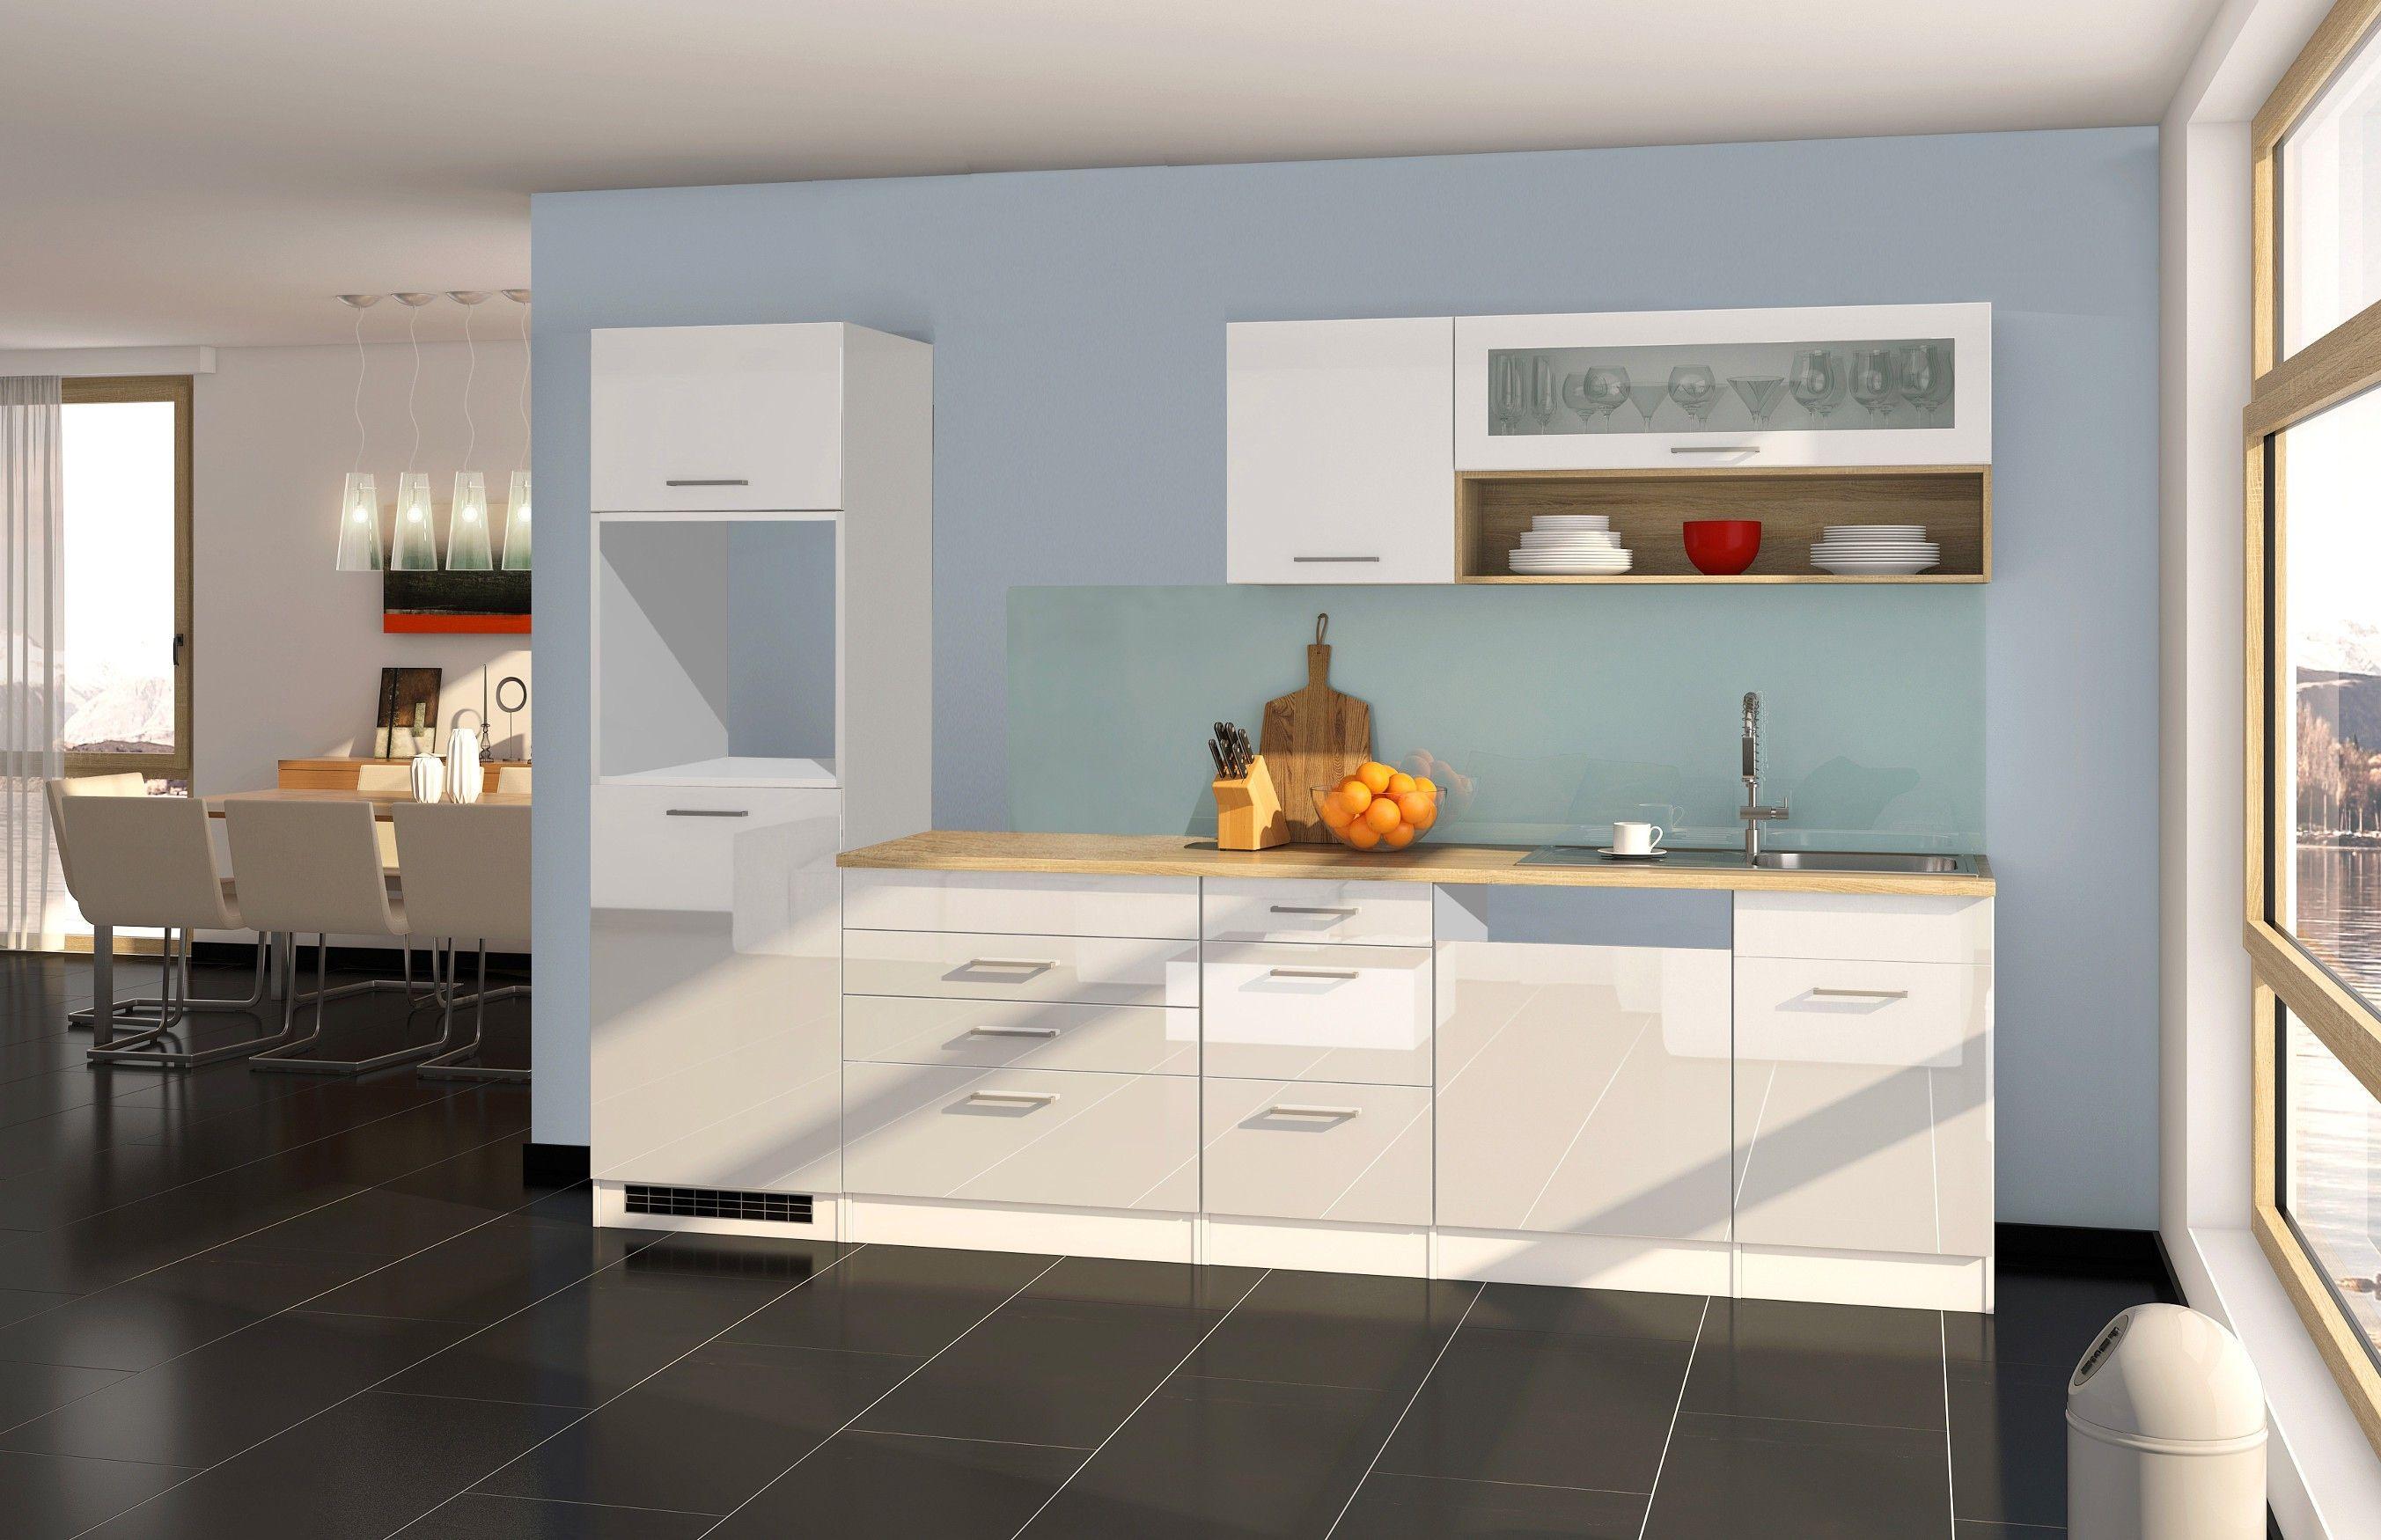 27 Inspirierend Einbauküche 300 Cm Kitchen, Kitchen